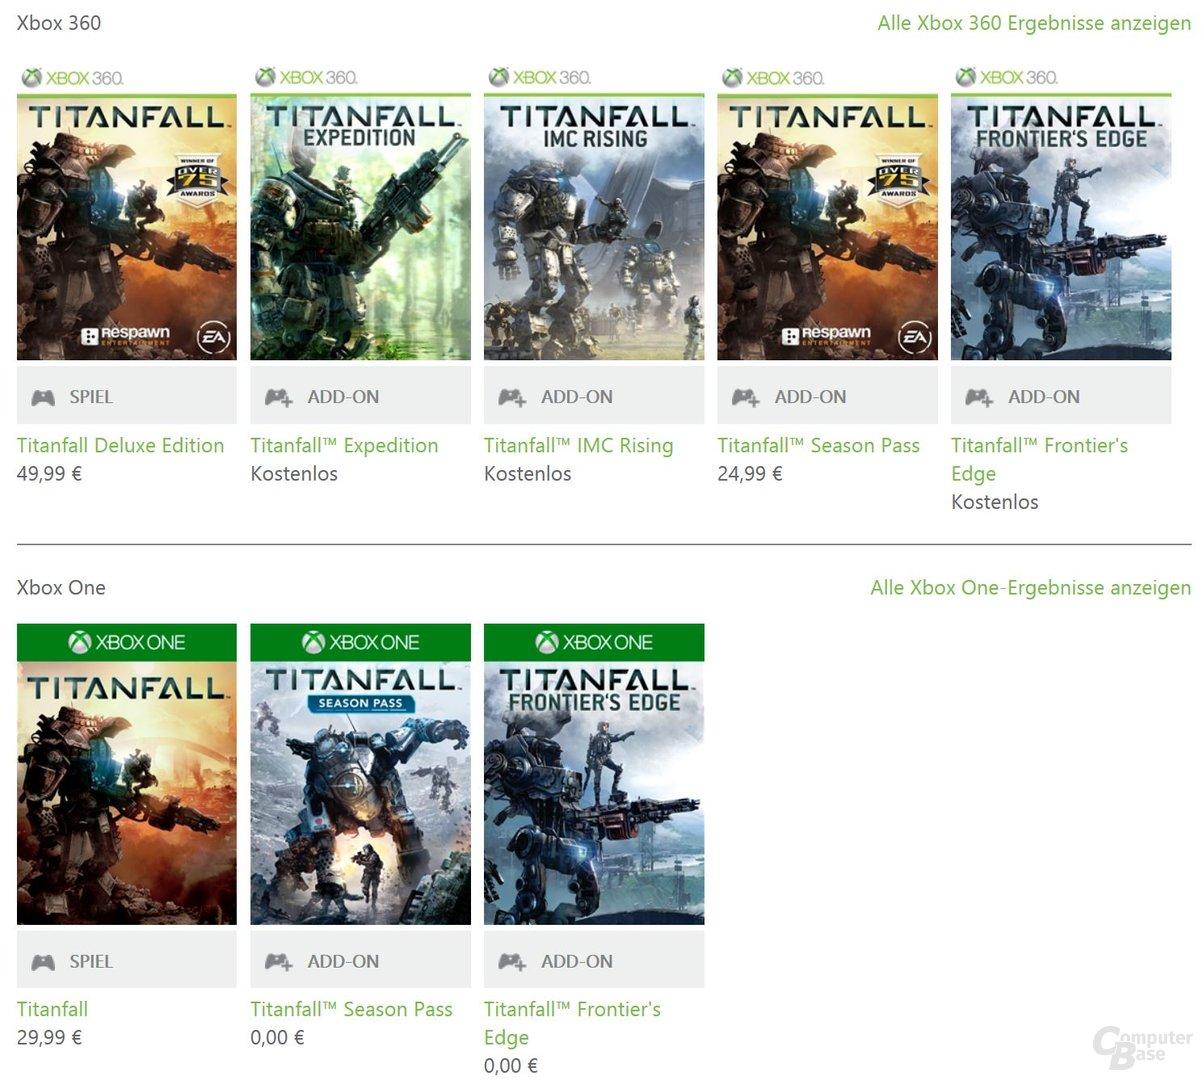 Aktuell sind Titanfall-DLCs für beide Konsolen kostenfrei erhältlich